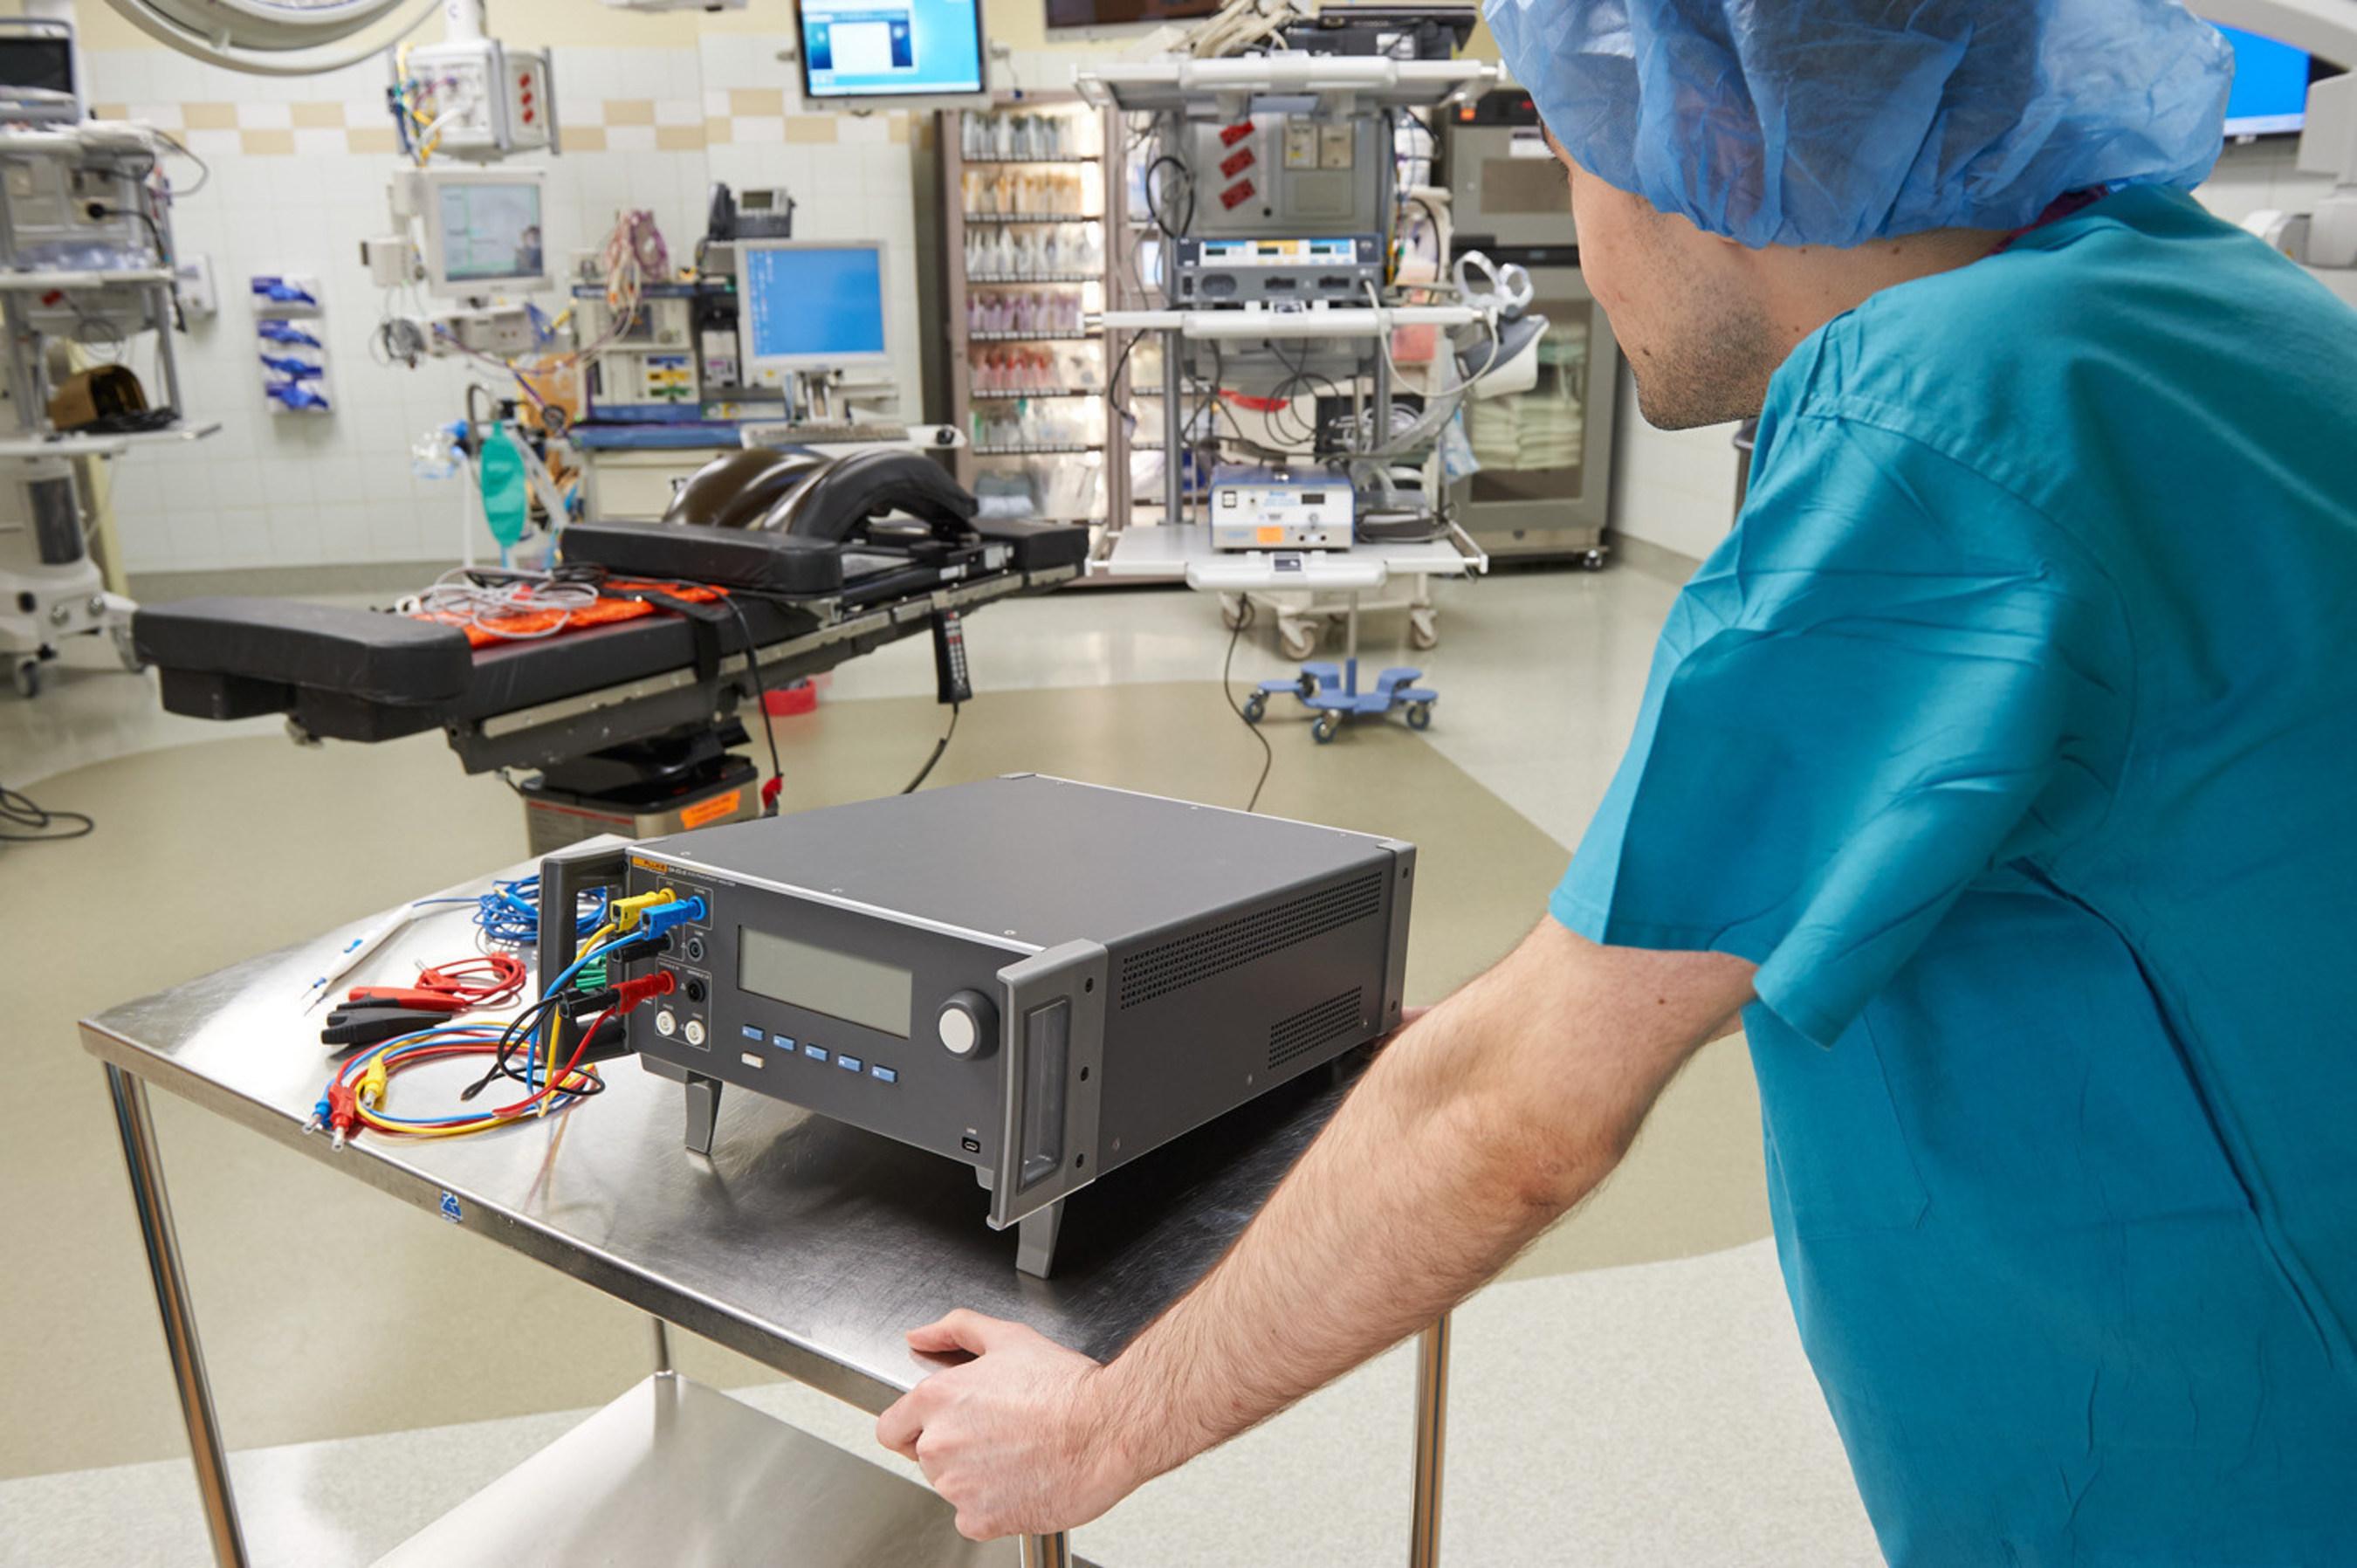 Ankündigung der Verfügbarkeit des QA-ES III Electrosurgical Analyzer für das Testen und die